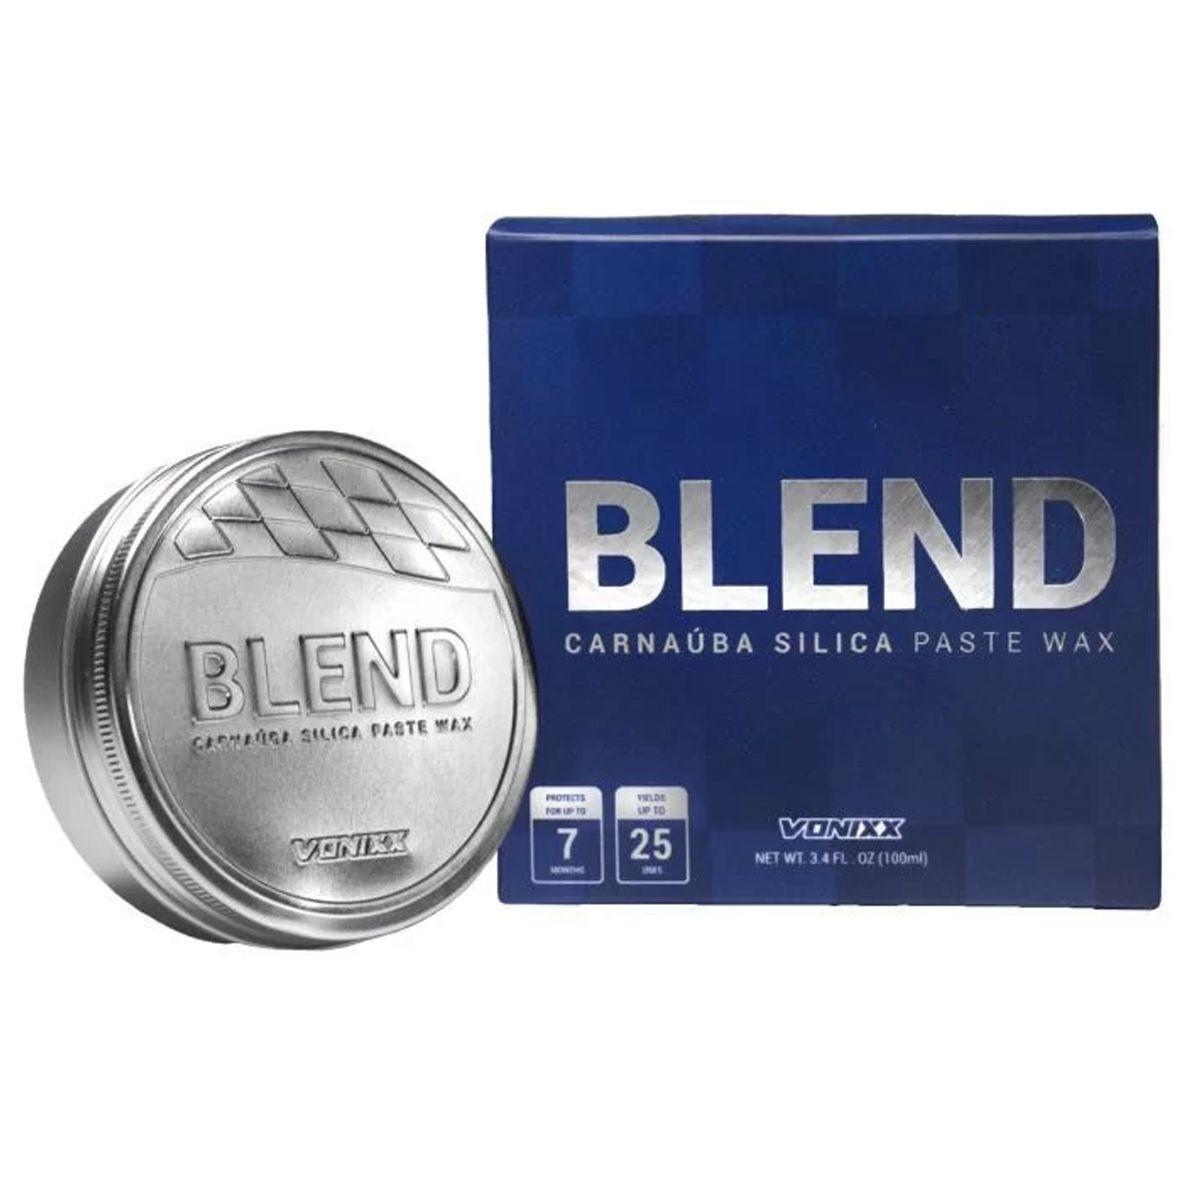 Kit Cera Blend+Pretinho+Aplicador+Shampoo Melon+Rejuvex